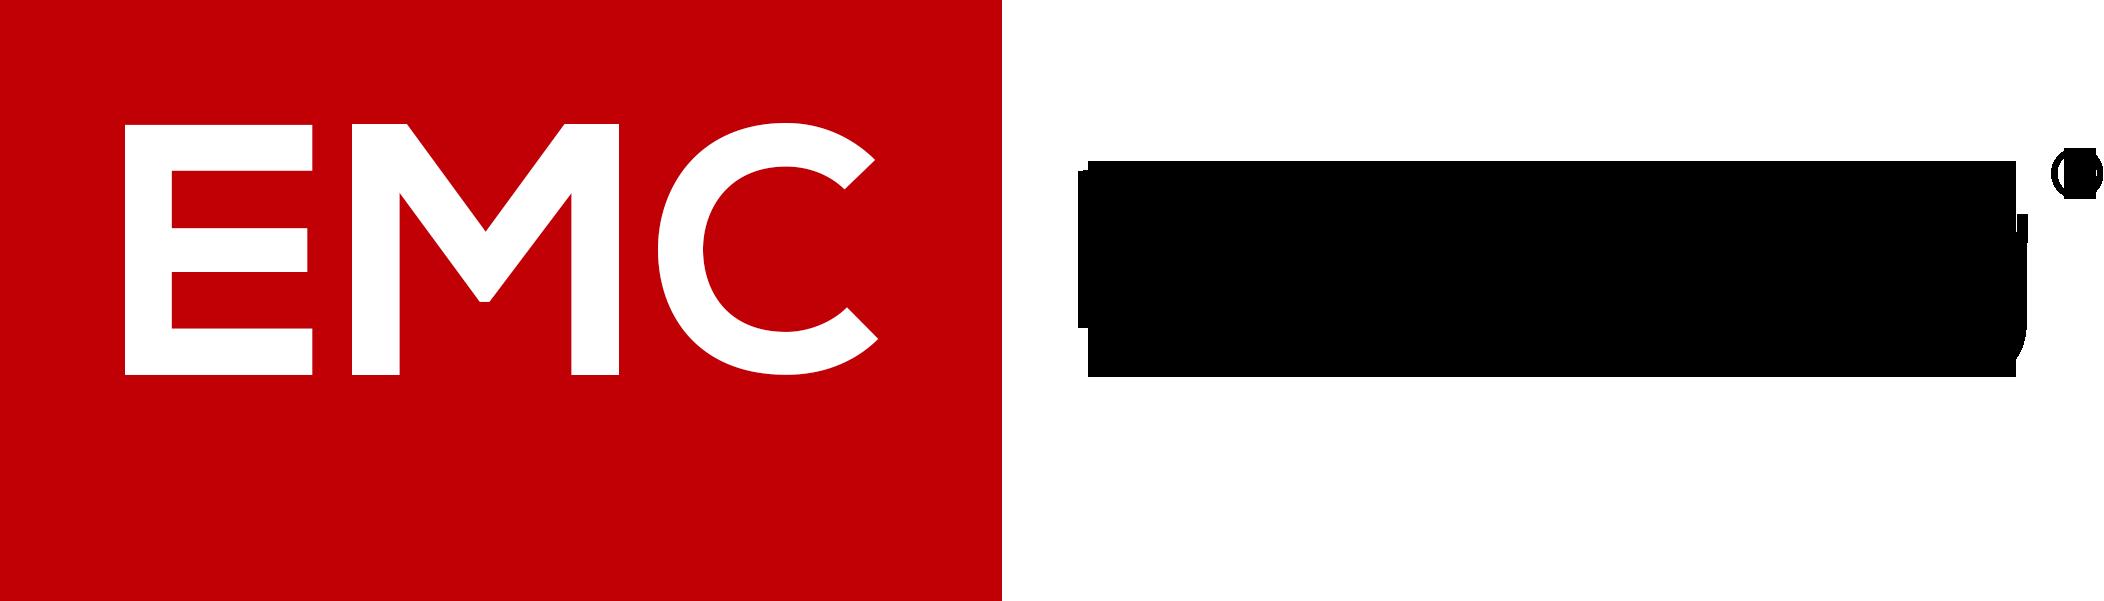 EMC_publishing_large